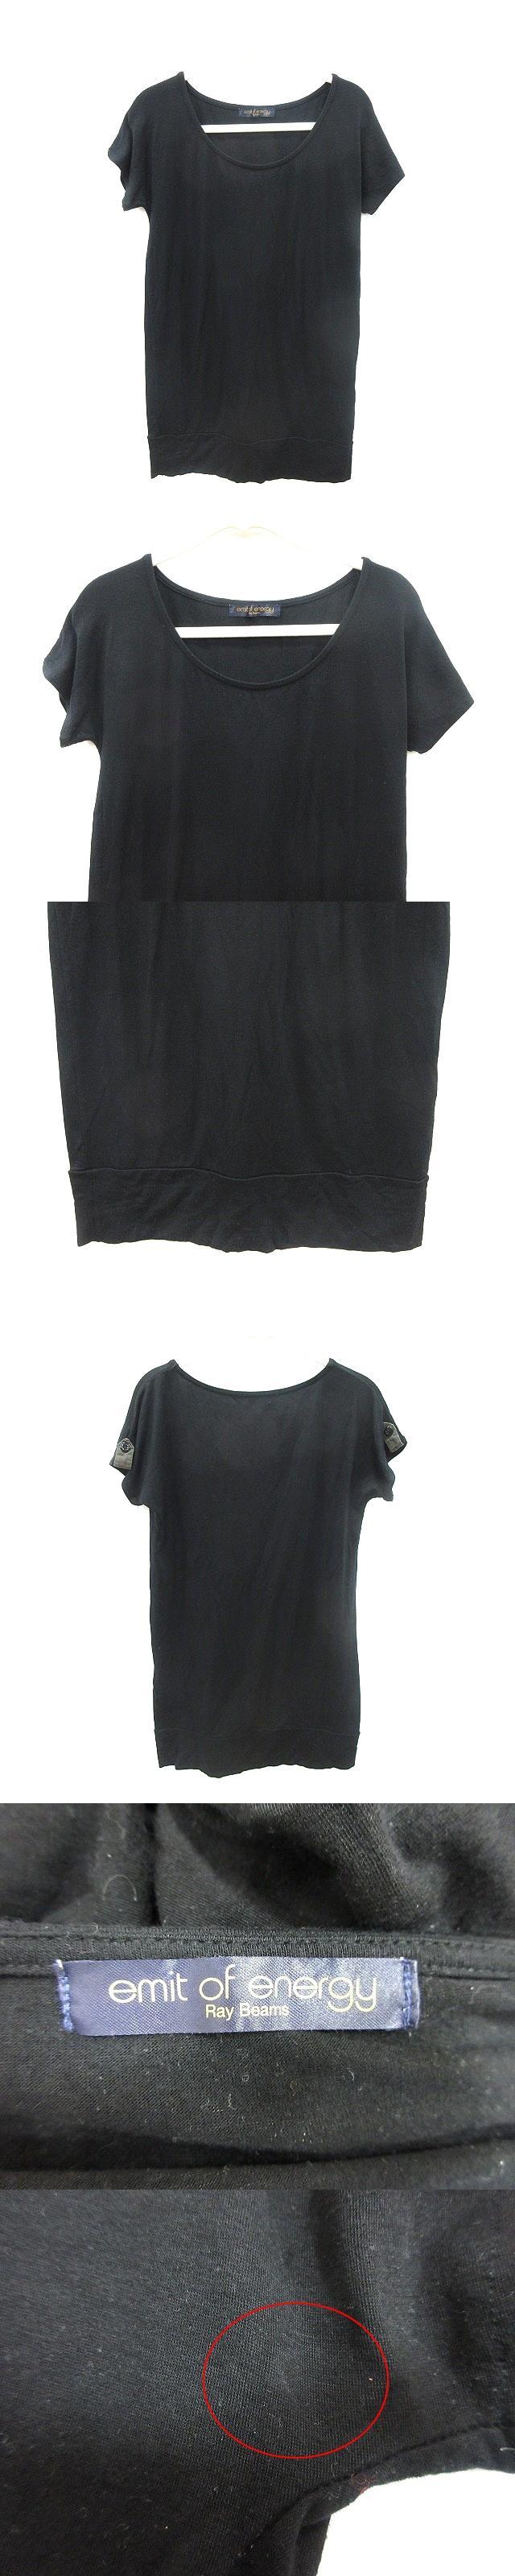 カットソー チュニック Uネック フレンチスリーブ 黒 ブラック /CT